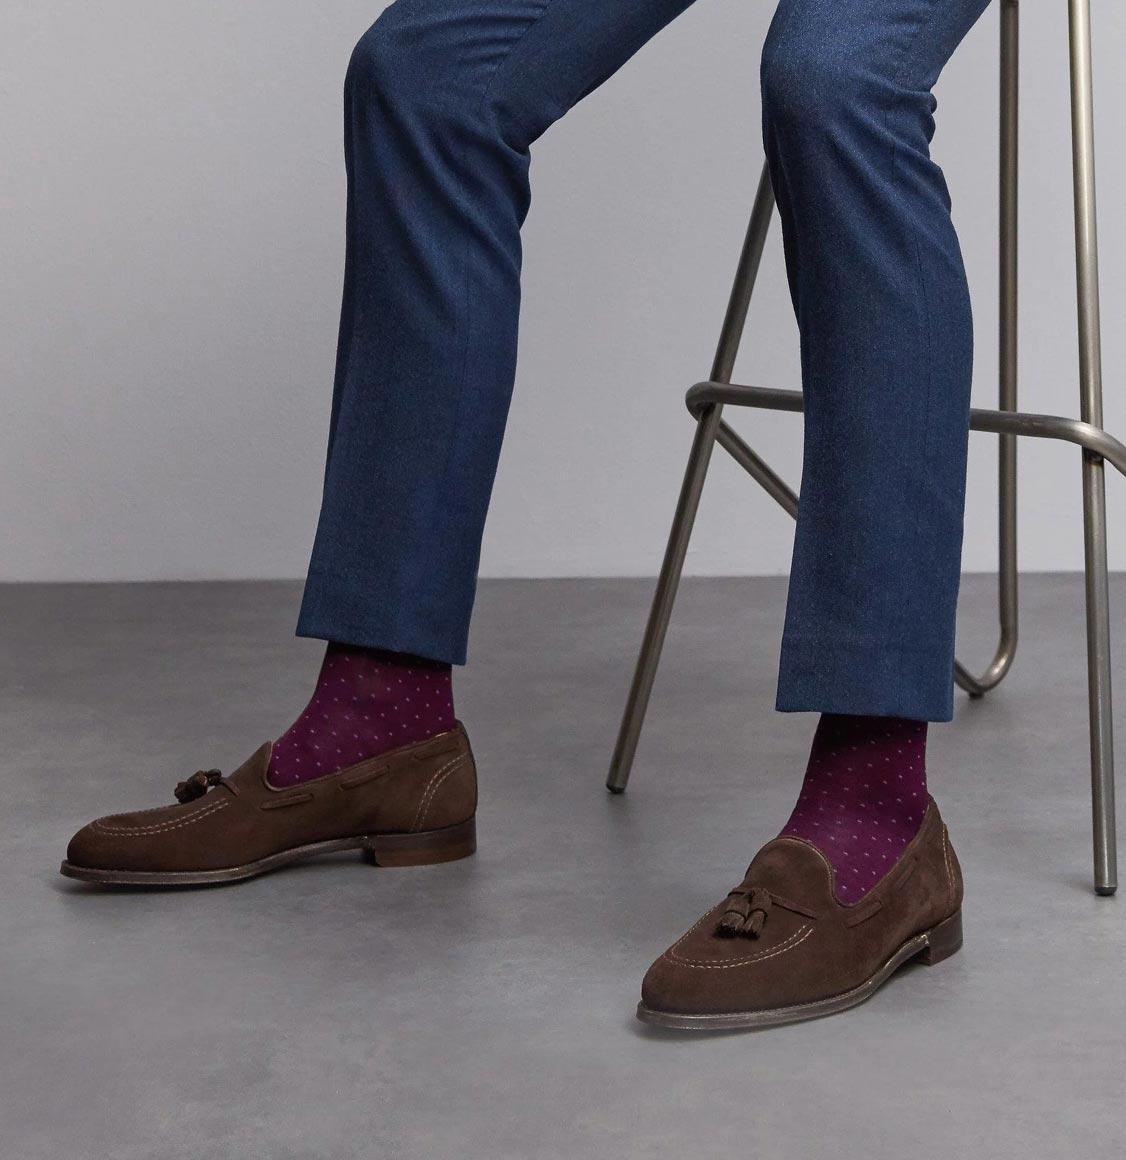 London Sock Co Spot Of Style Bordeaux